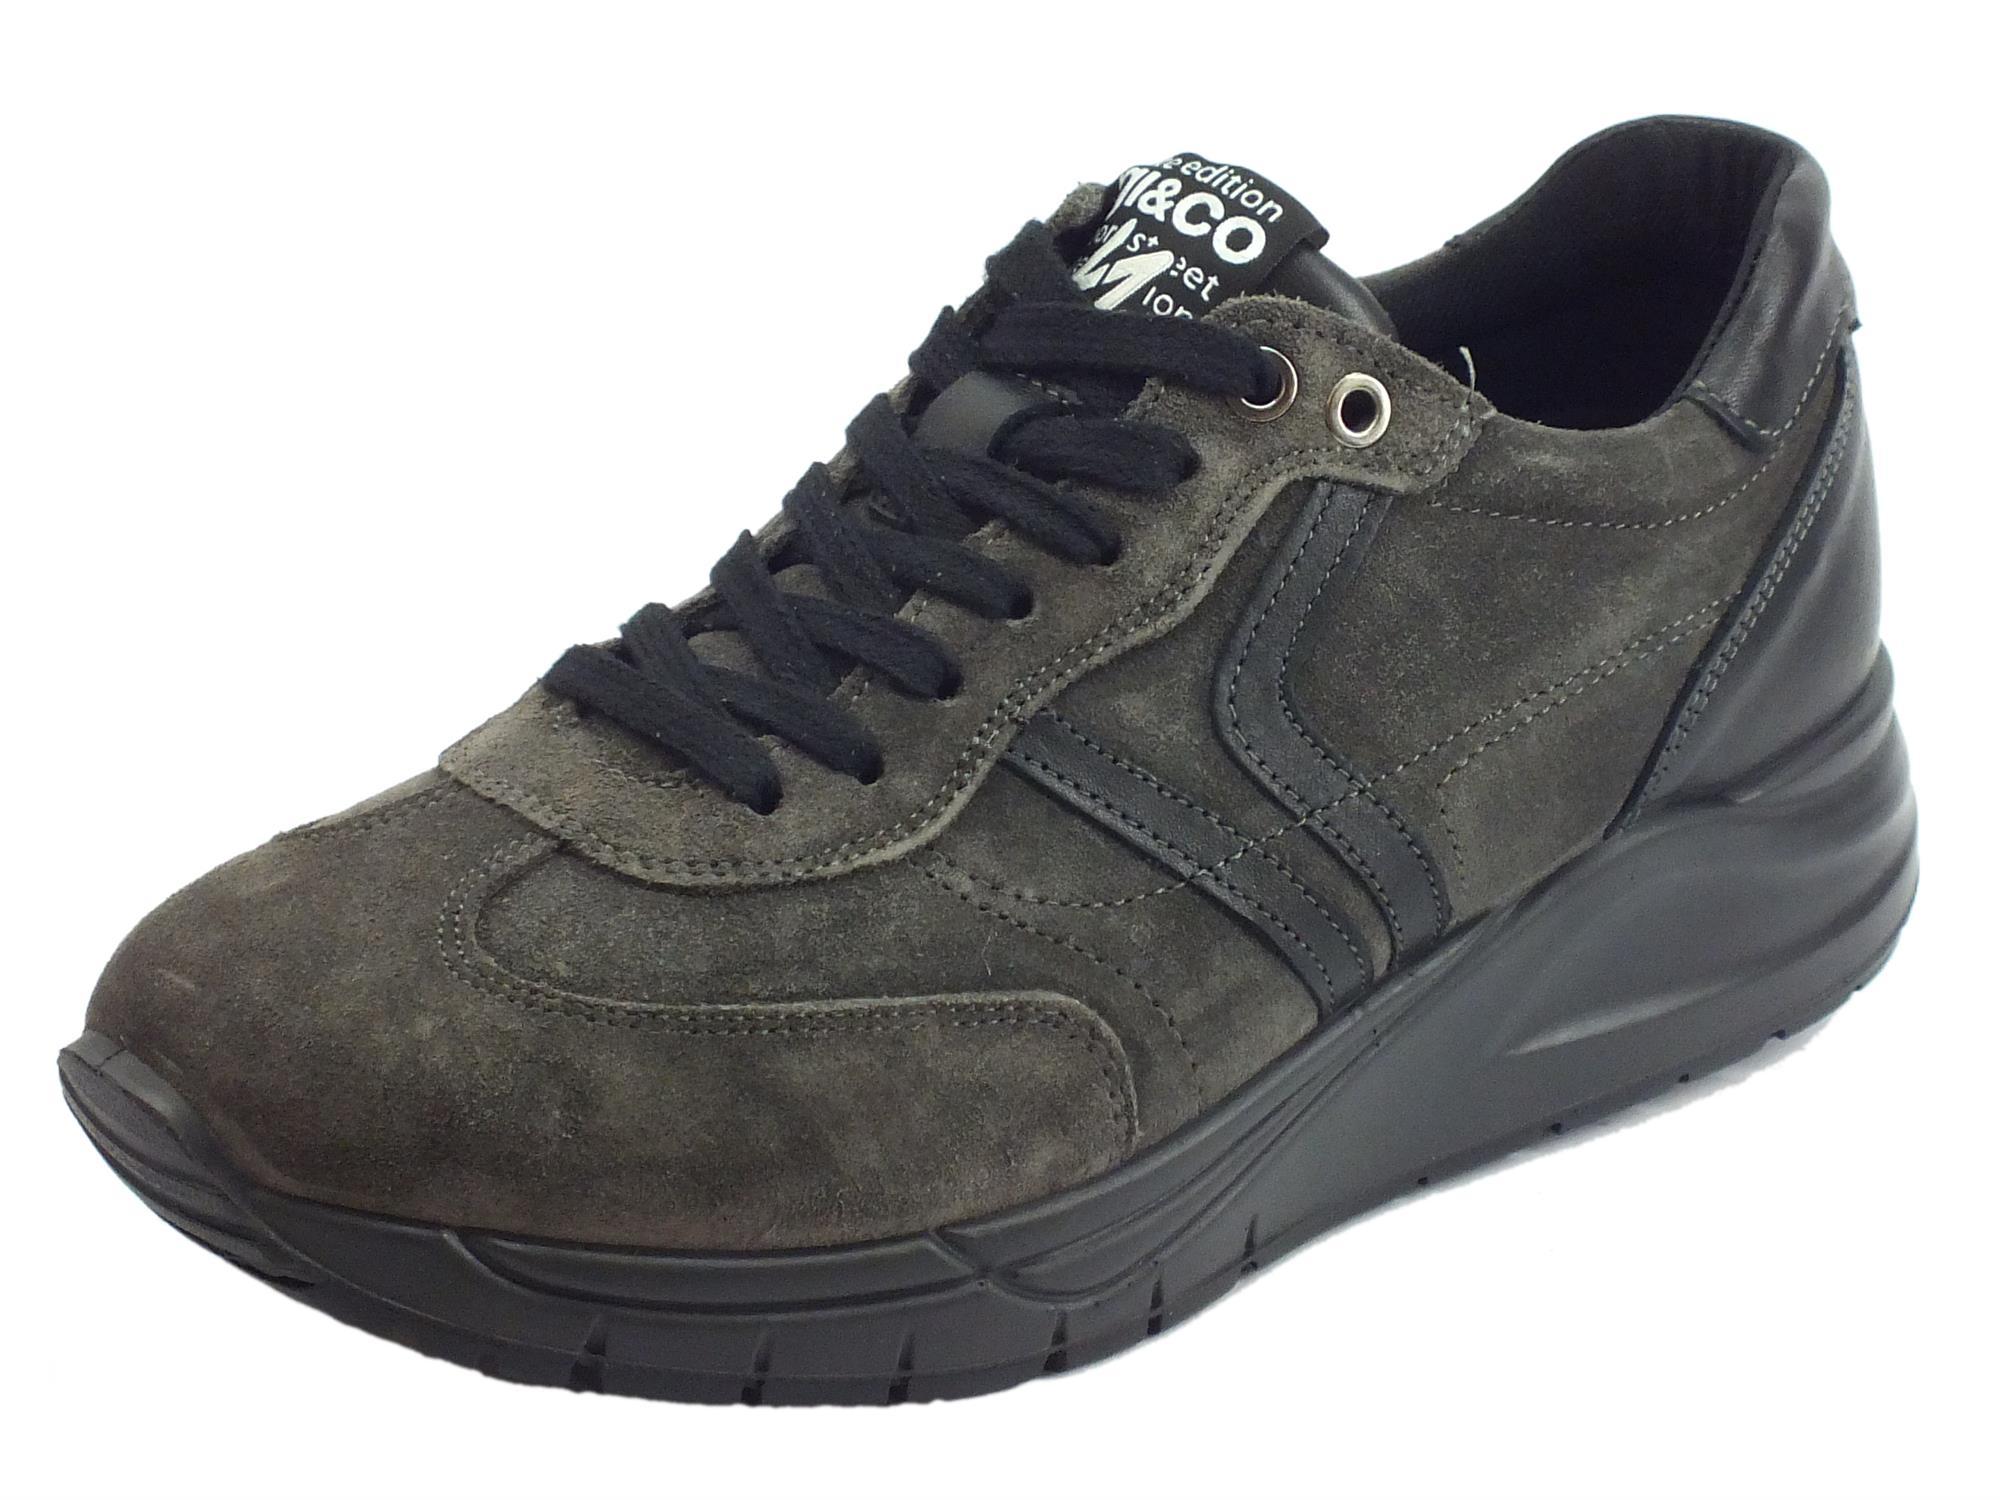 Scarpe per uomo Igi&Co in scamosciato grigio sottopiede estraibile